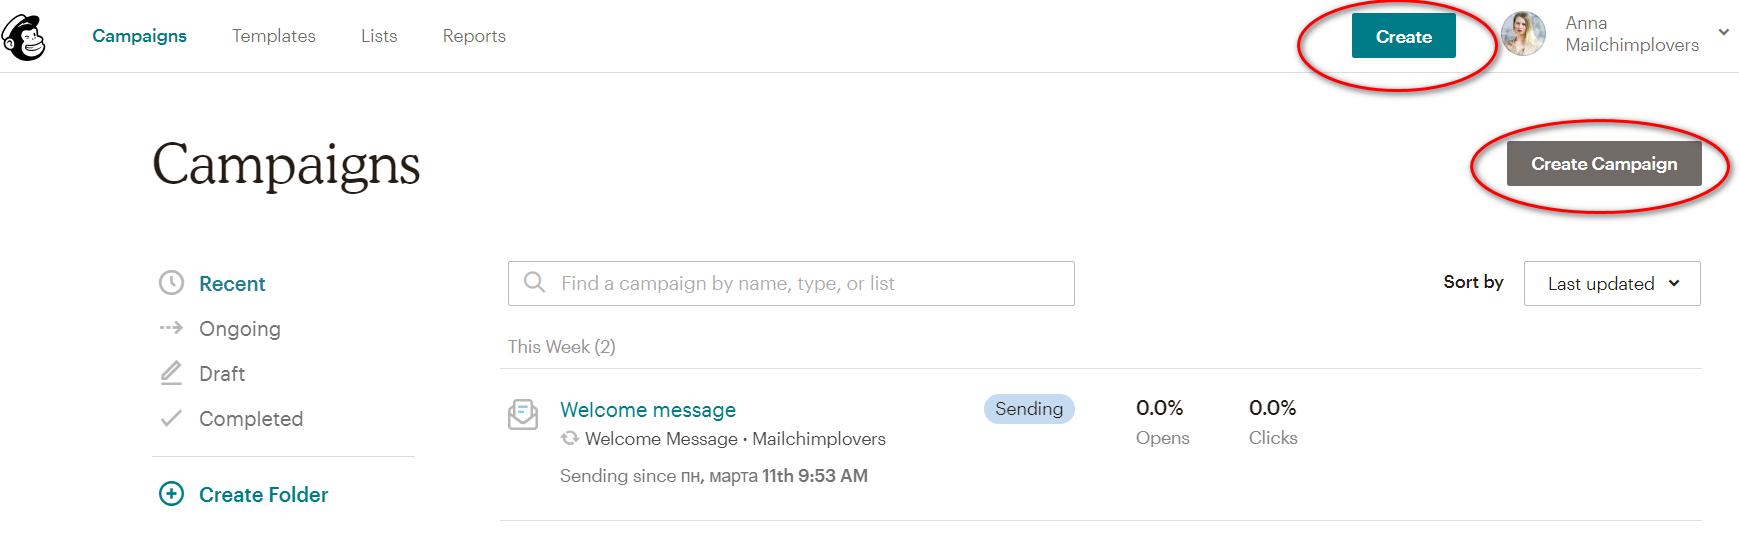 Создание кампании в MailChimp — мейлчимп вход